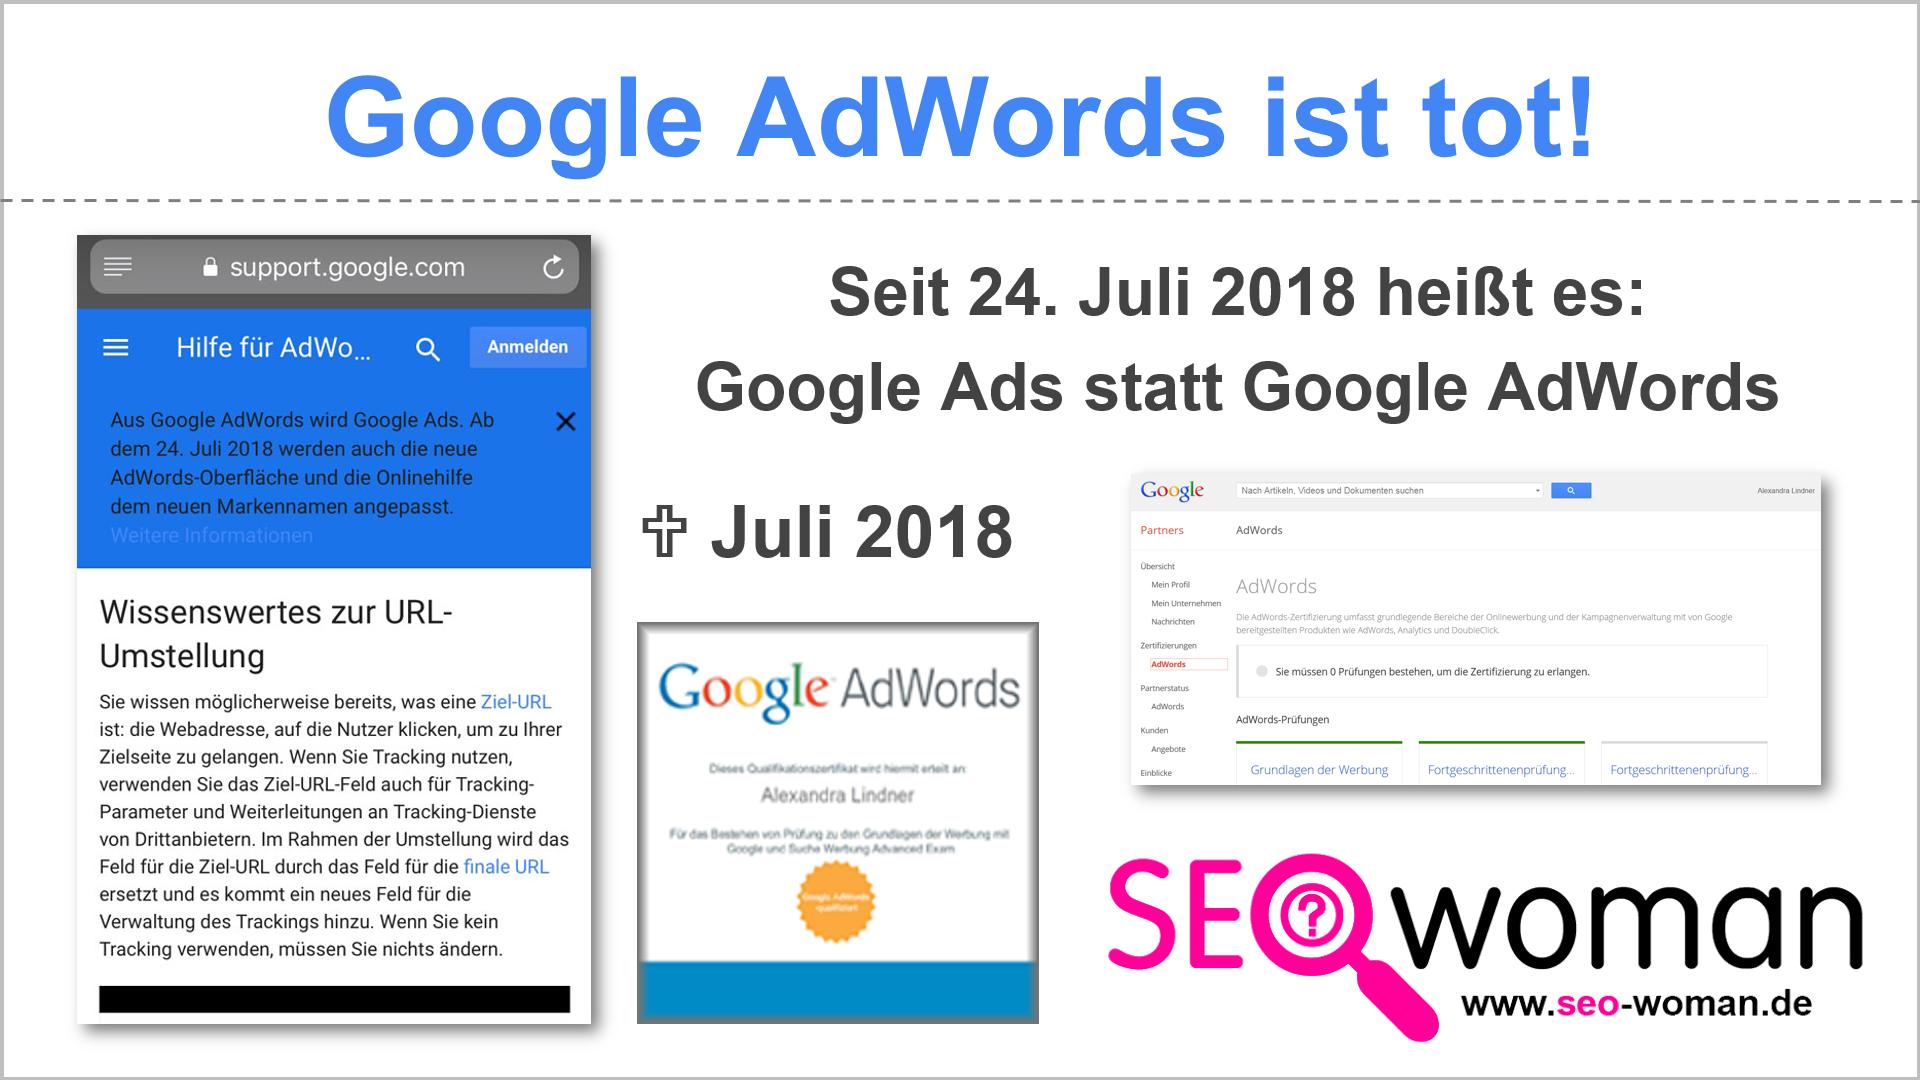 Google AdWords ist tot